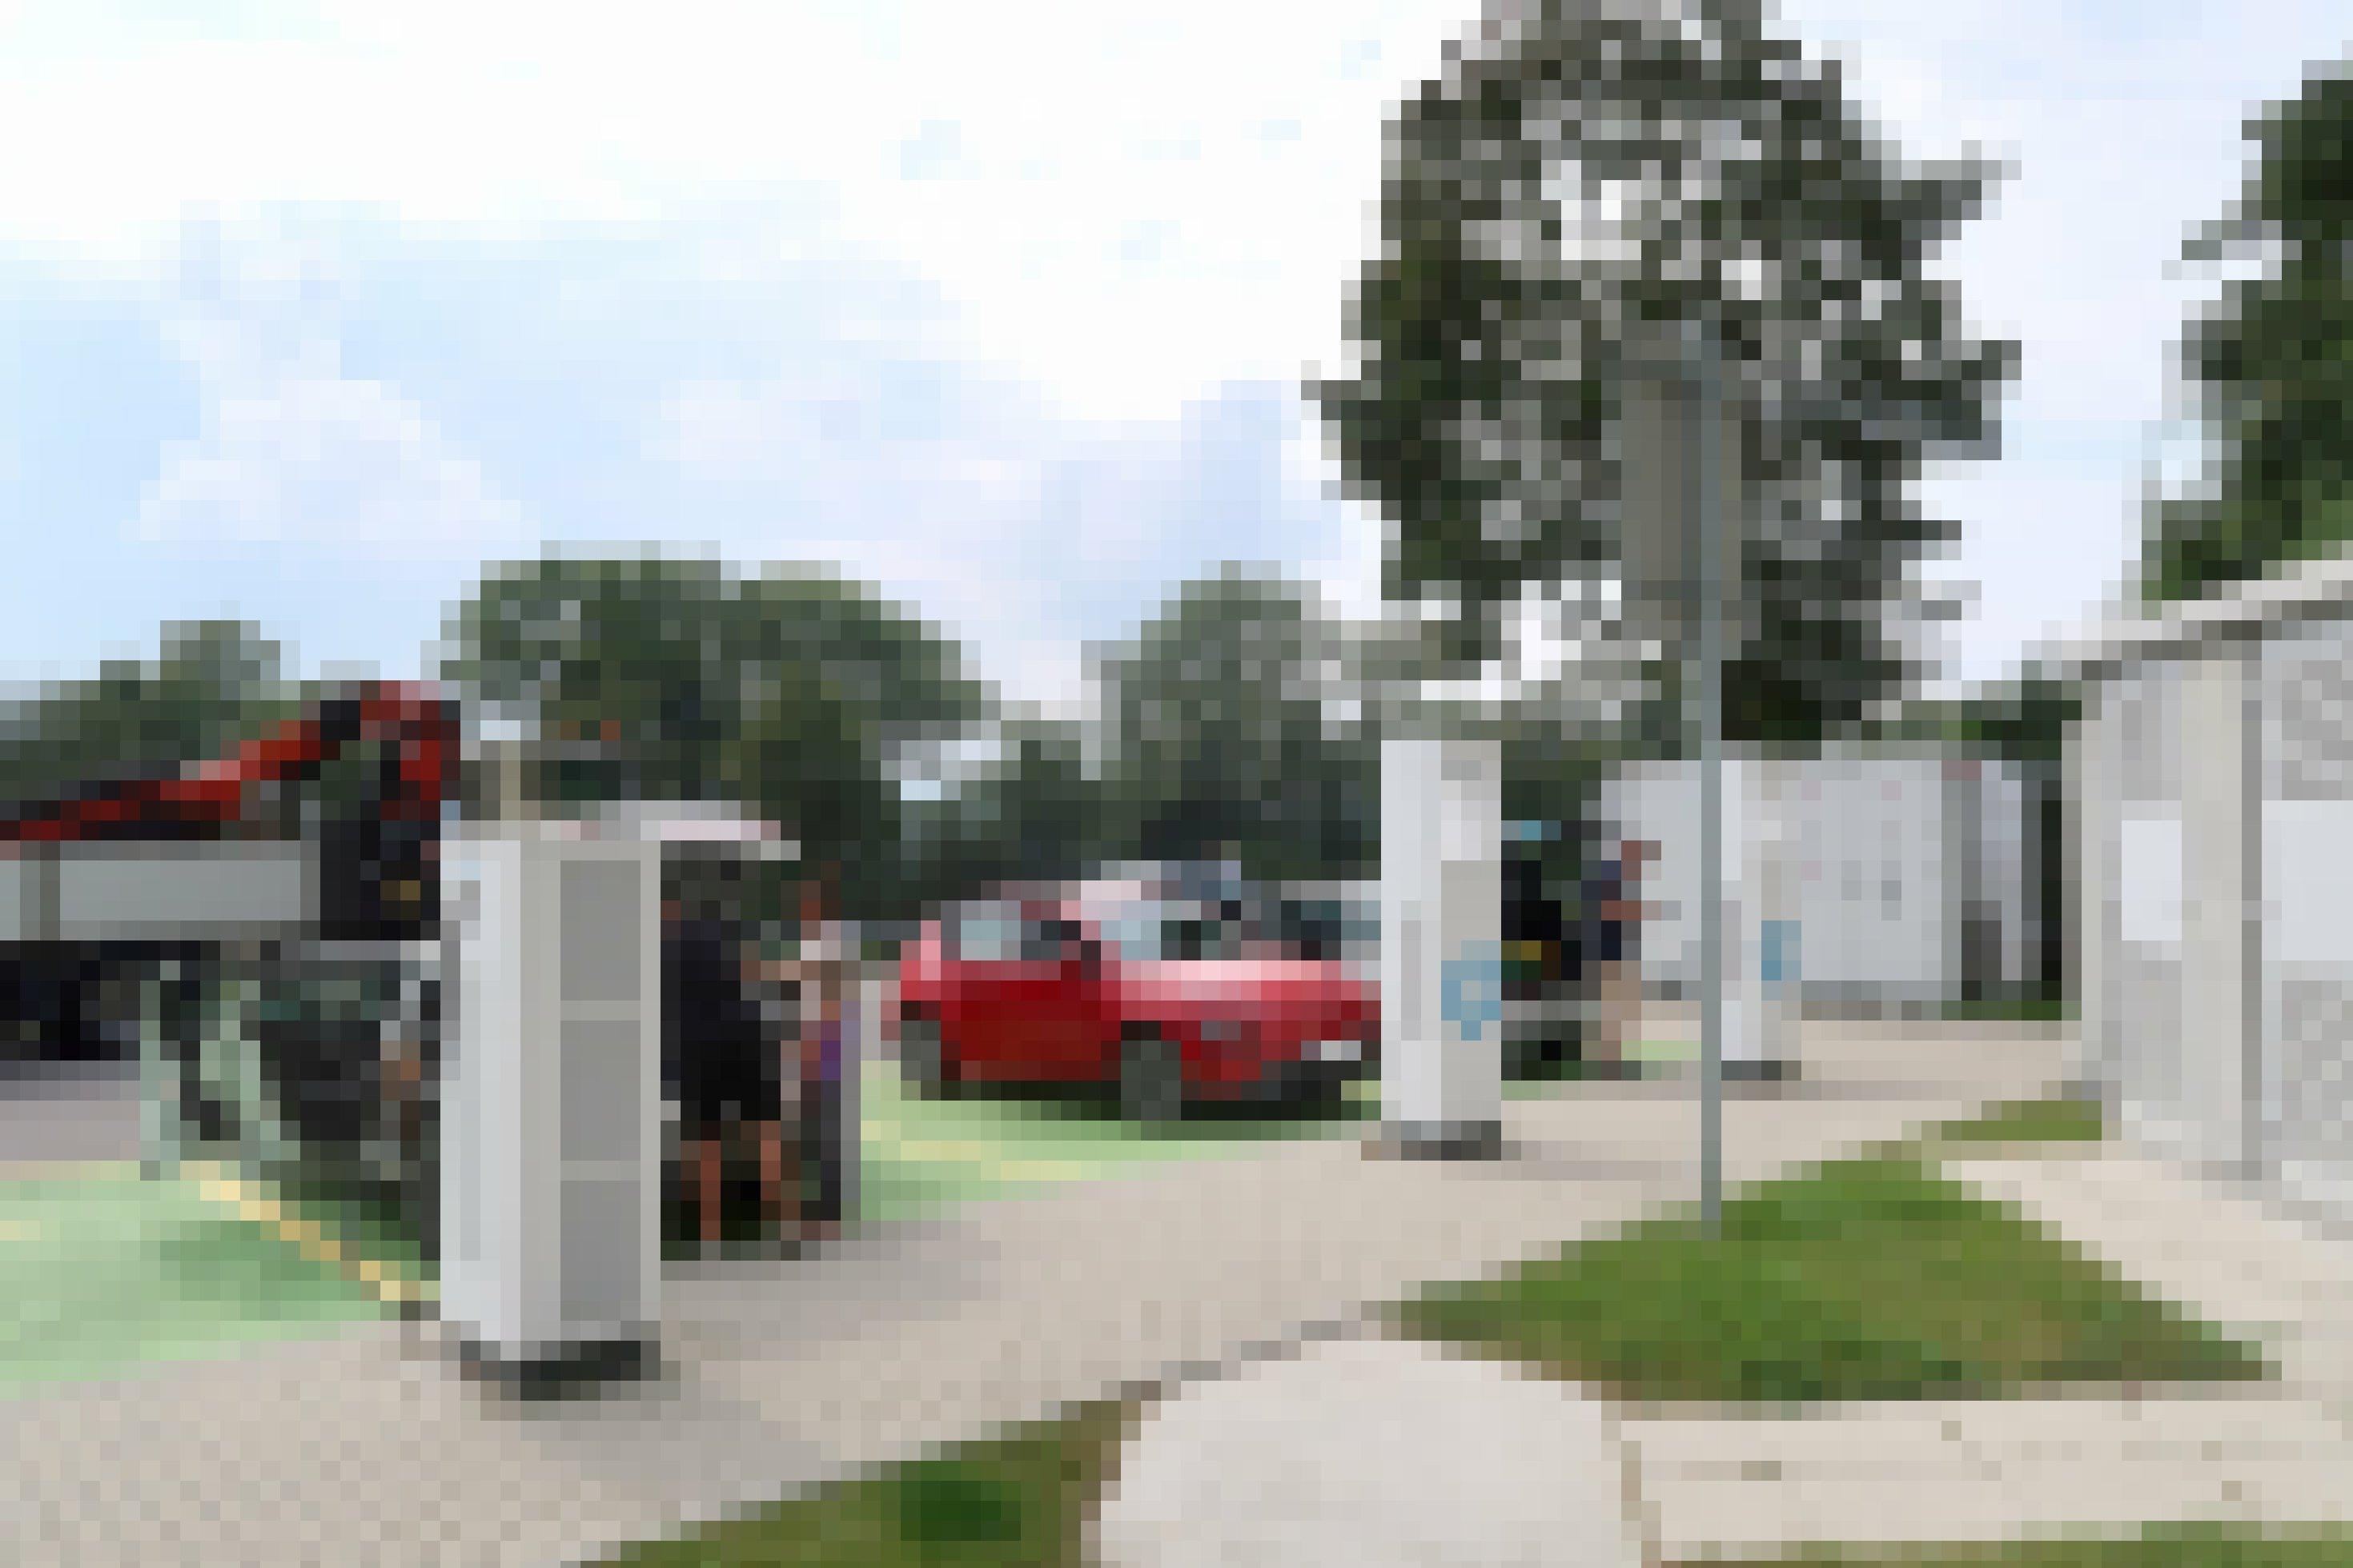 Drei Elektroautos laden Strom auf einem Parkplatz.